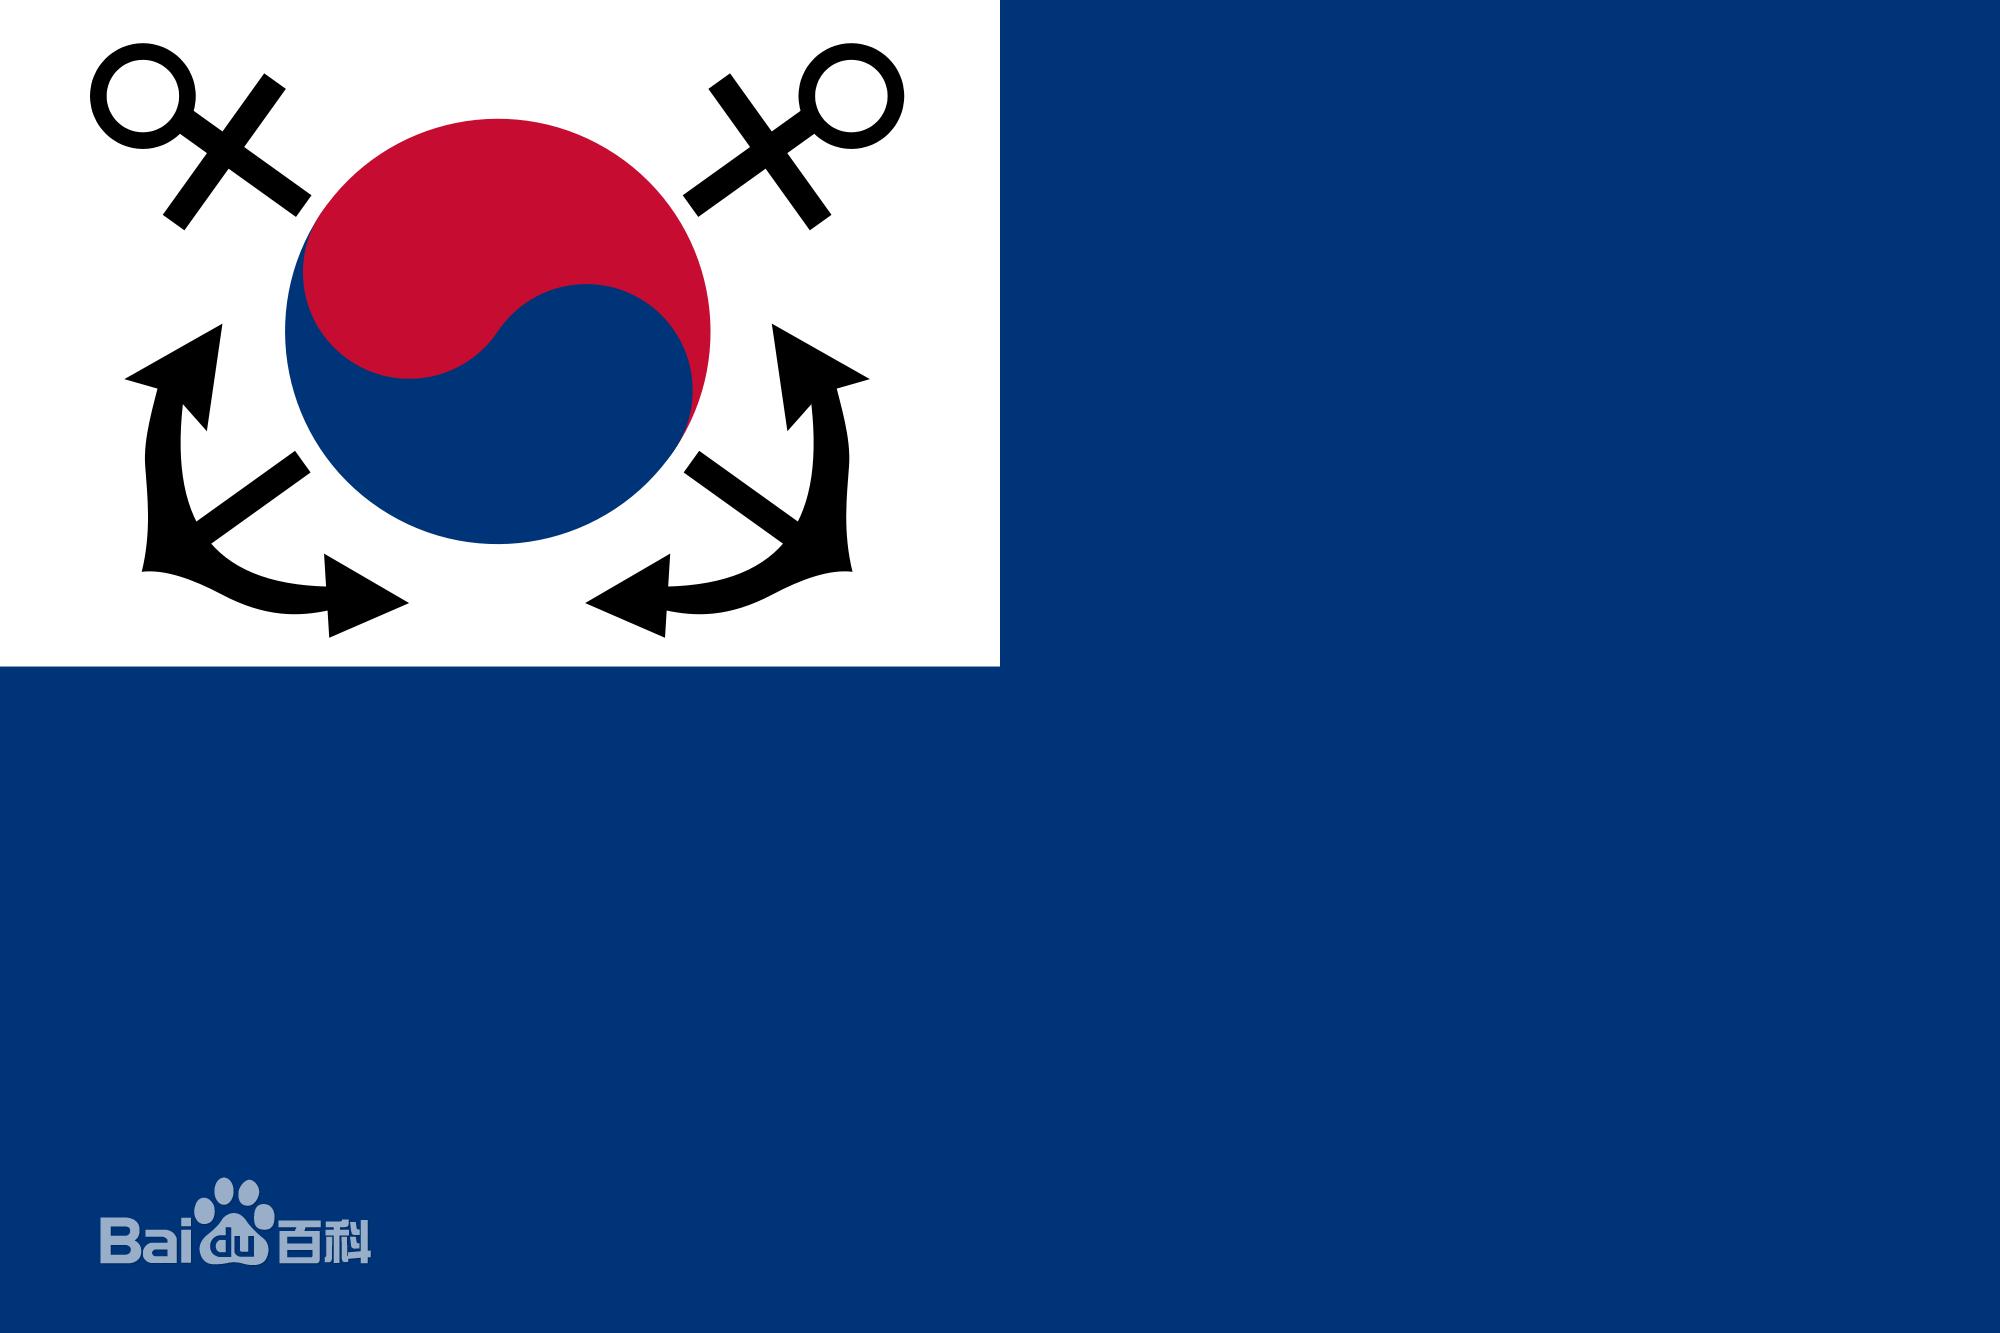 """韩海军开炮警告朝警备艇 韩国军方官员2月8日说,朝鲜一艘警备艇当天上午一度越过半岛西部海域的""""北方界线"""",韩国海军向其进行了警告性开炮射击,将其逼退。  事件发生在首尔时间8日上午6时55分左右。韩联社报道,韩国海军在朝鲜警备艇临近""""北方界线""""时数次向其发出警告,但警备艇越过""""北方界线""""南下。韩国海军随即使用76毫米口径舰炮发射5枚炮弹示警,朝鲜警备艇于7时15分左右返回朝方海域。""""在韩国海军进行警告性射击后,它迅速撤退了"""